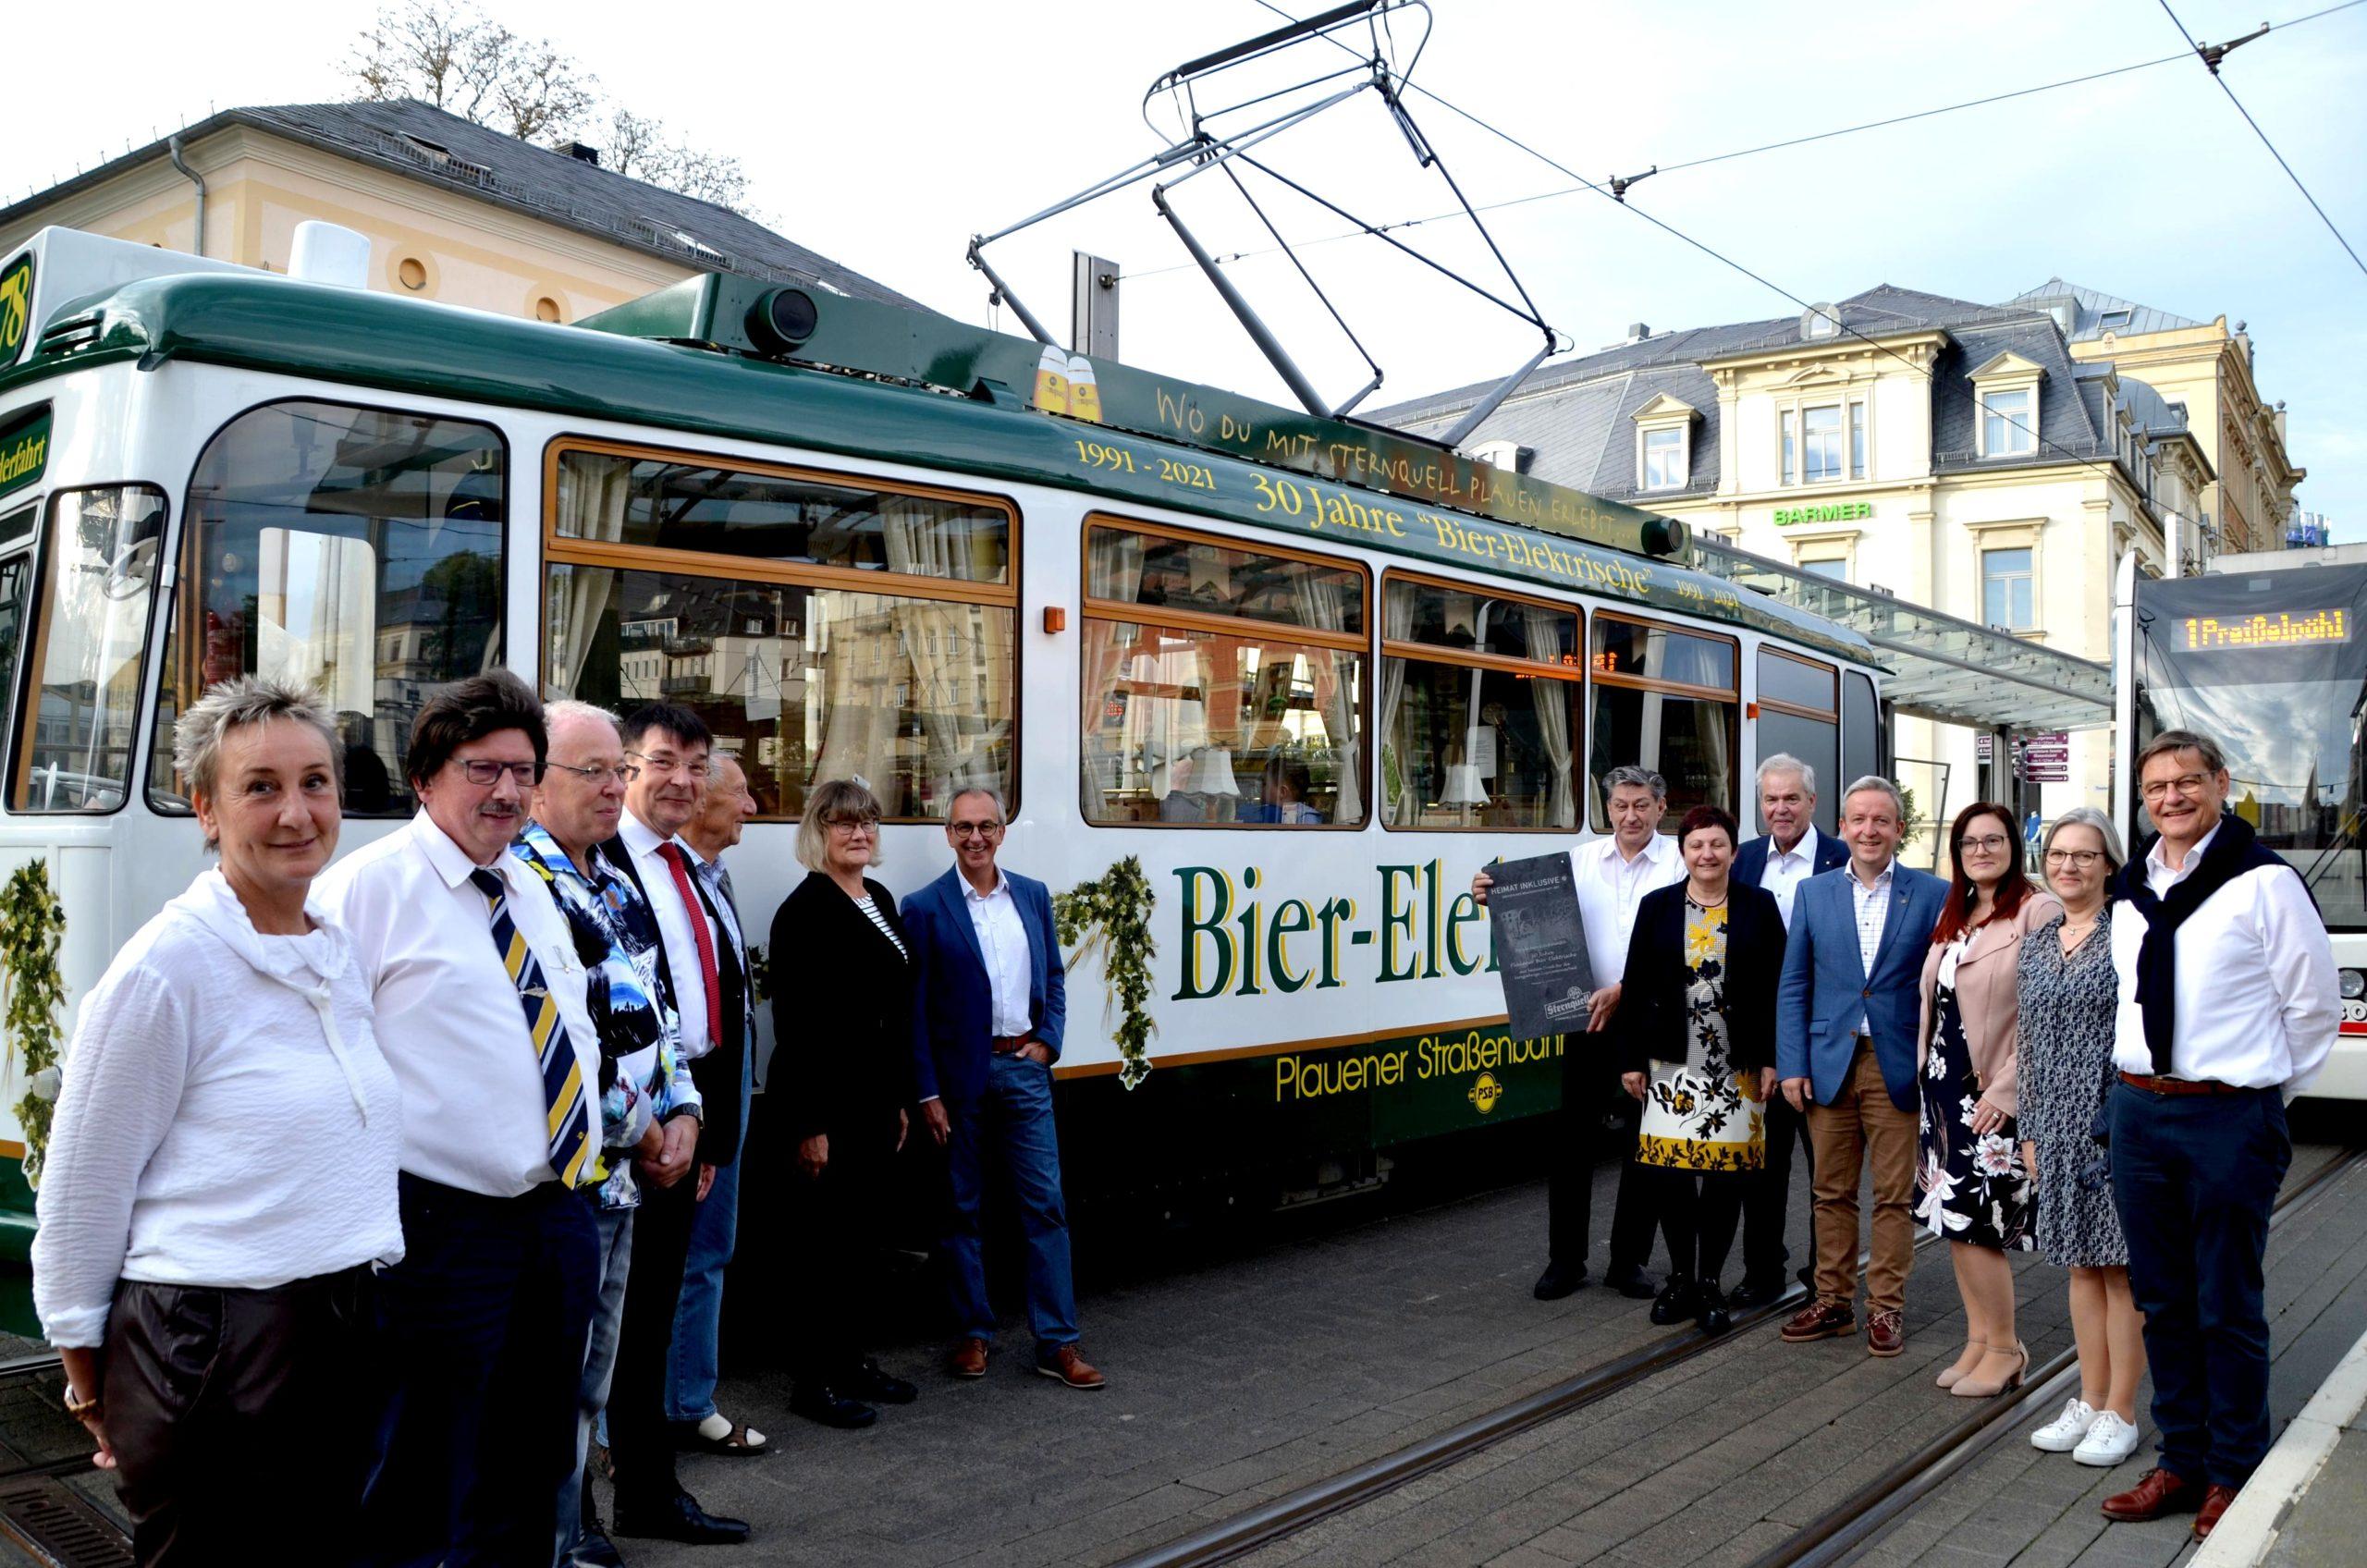 Bier-Elektrische rollt seit 30 Jahren durch Plauen